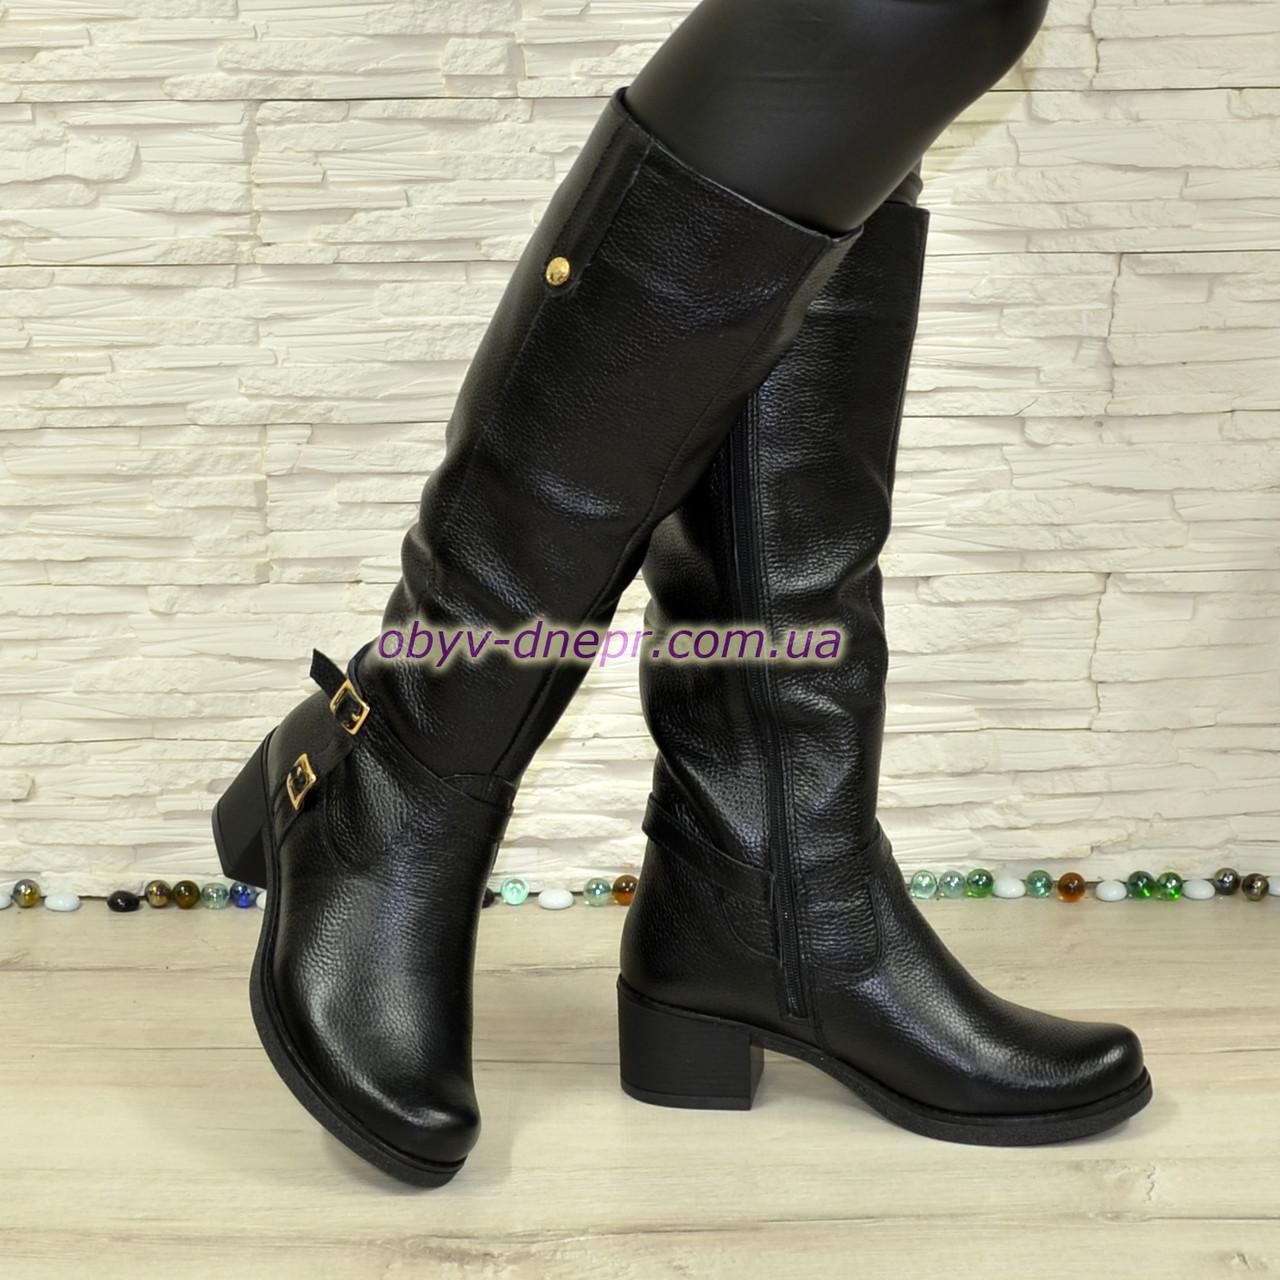 Сапоги женские кожаные демисезонные на невысоком каблуке